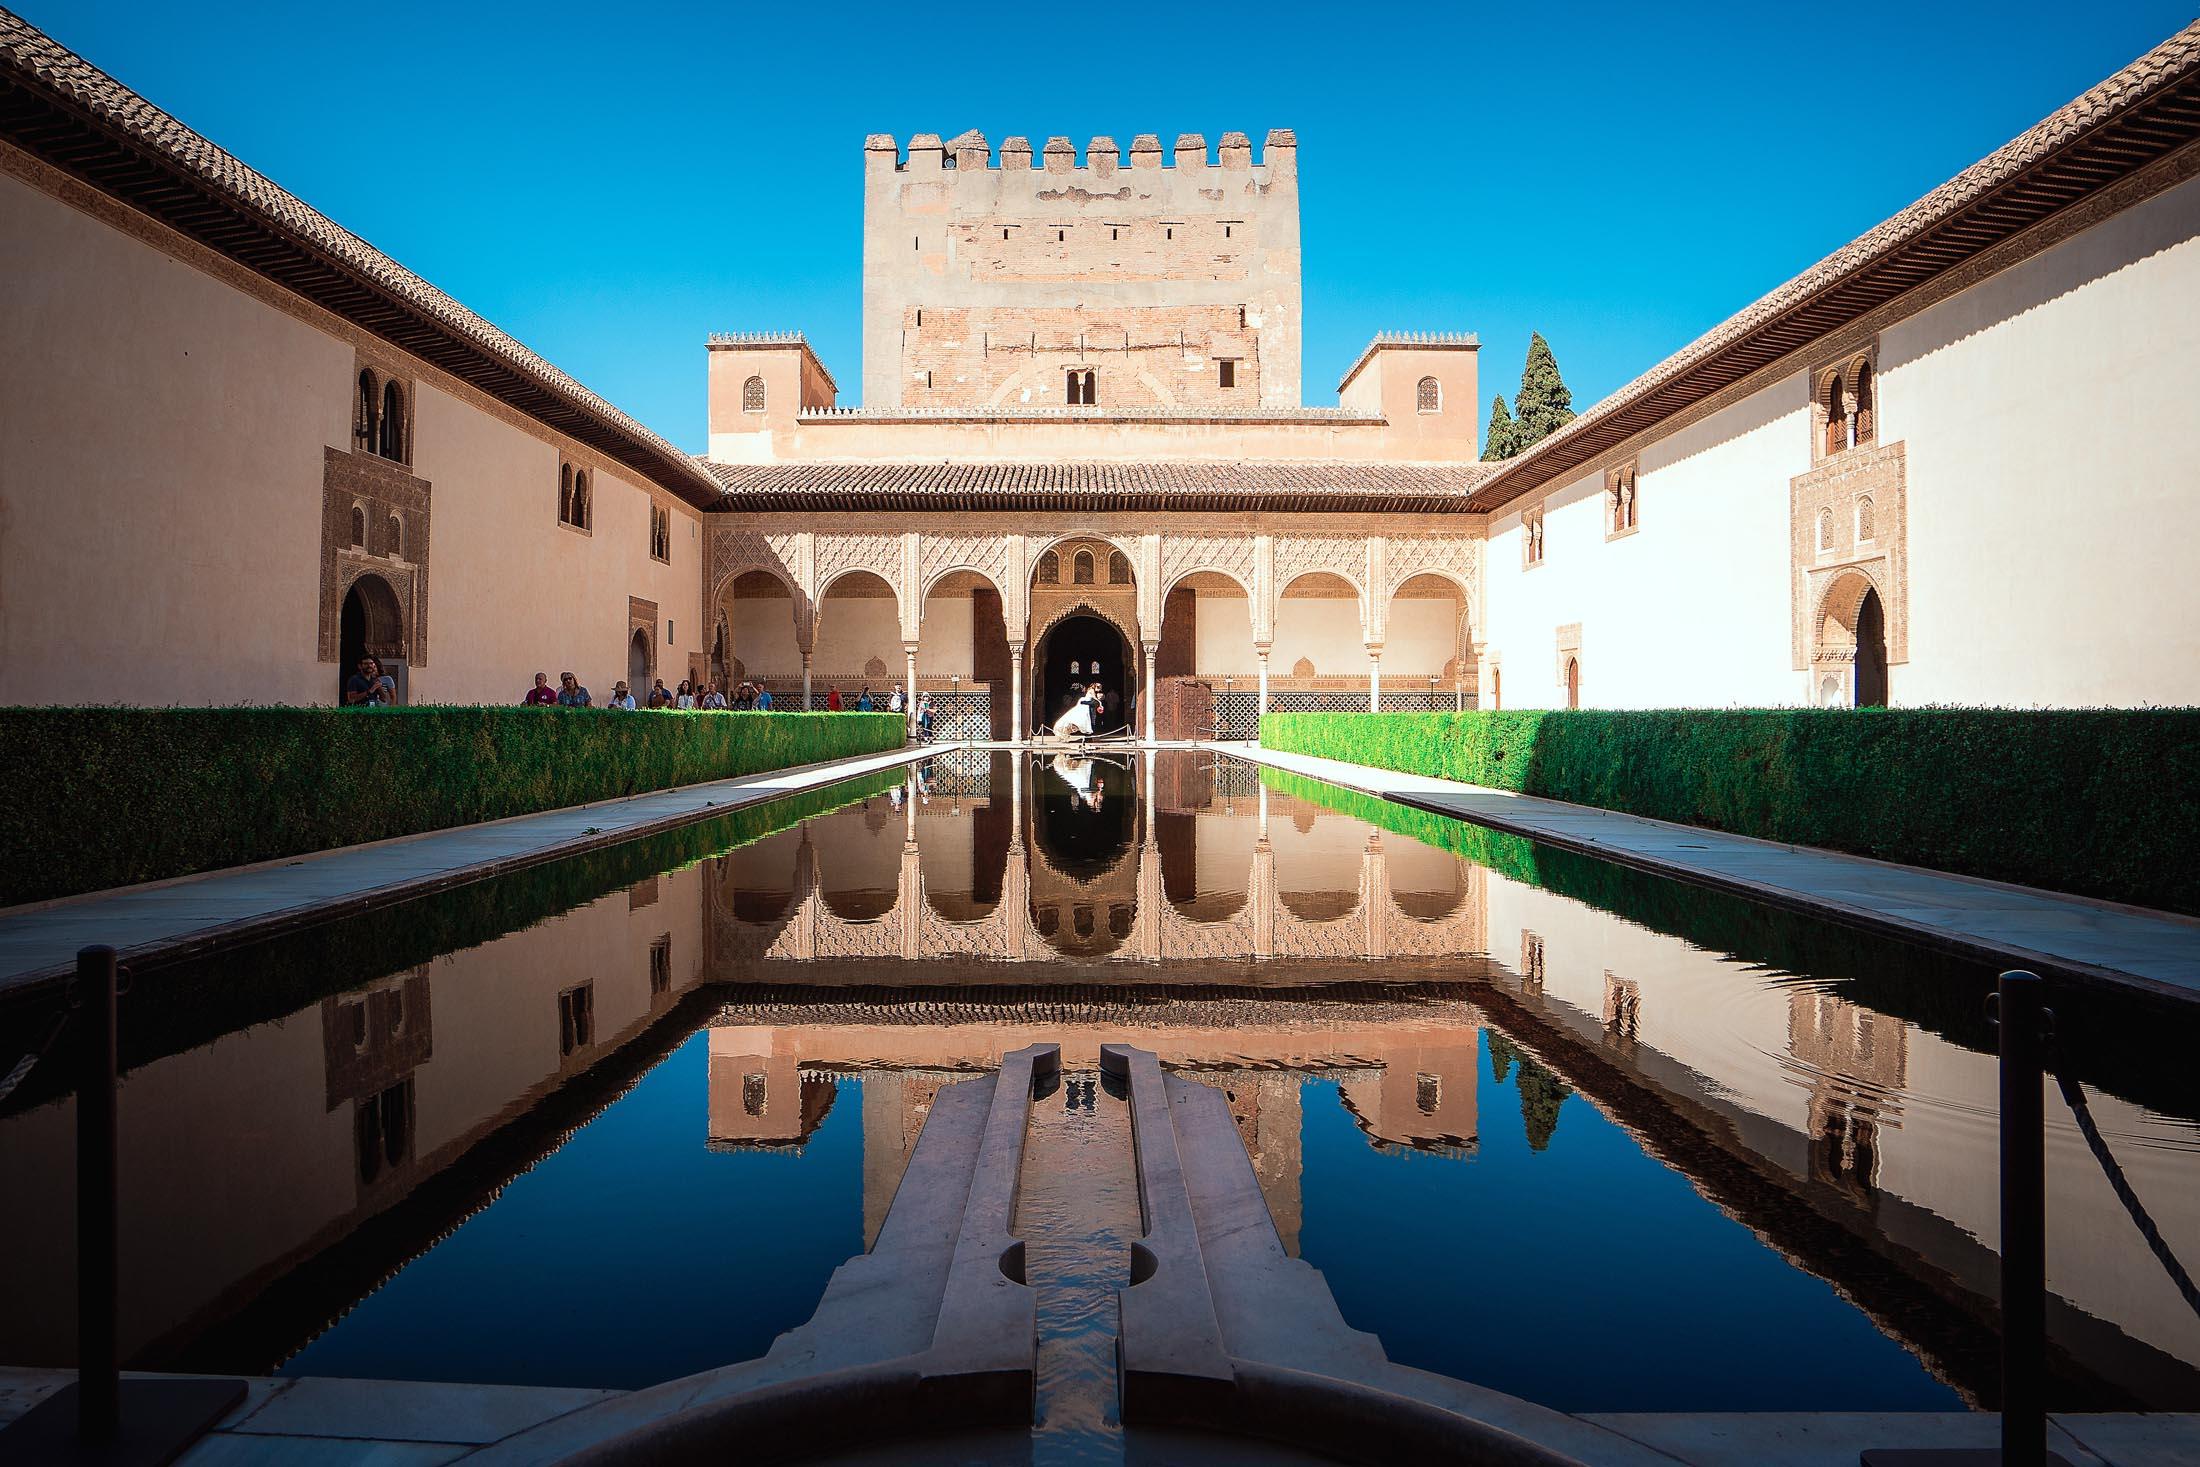 Postboda de Rocio y Jesus - Alhambra - 1-0049